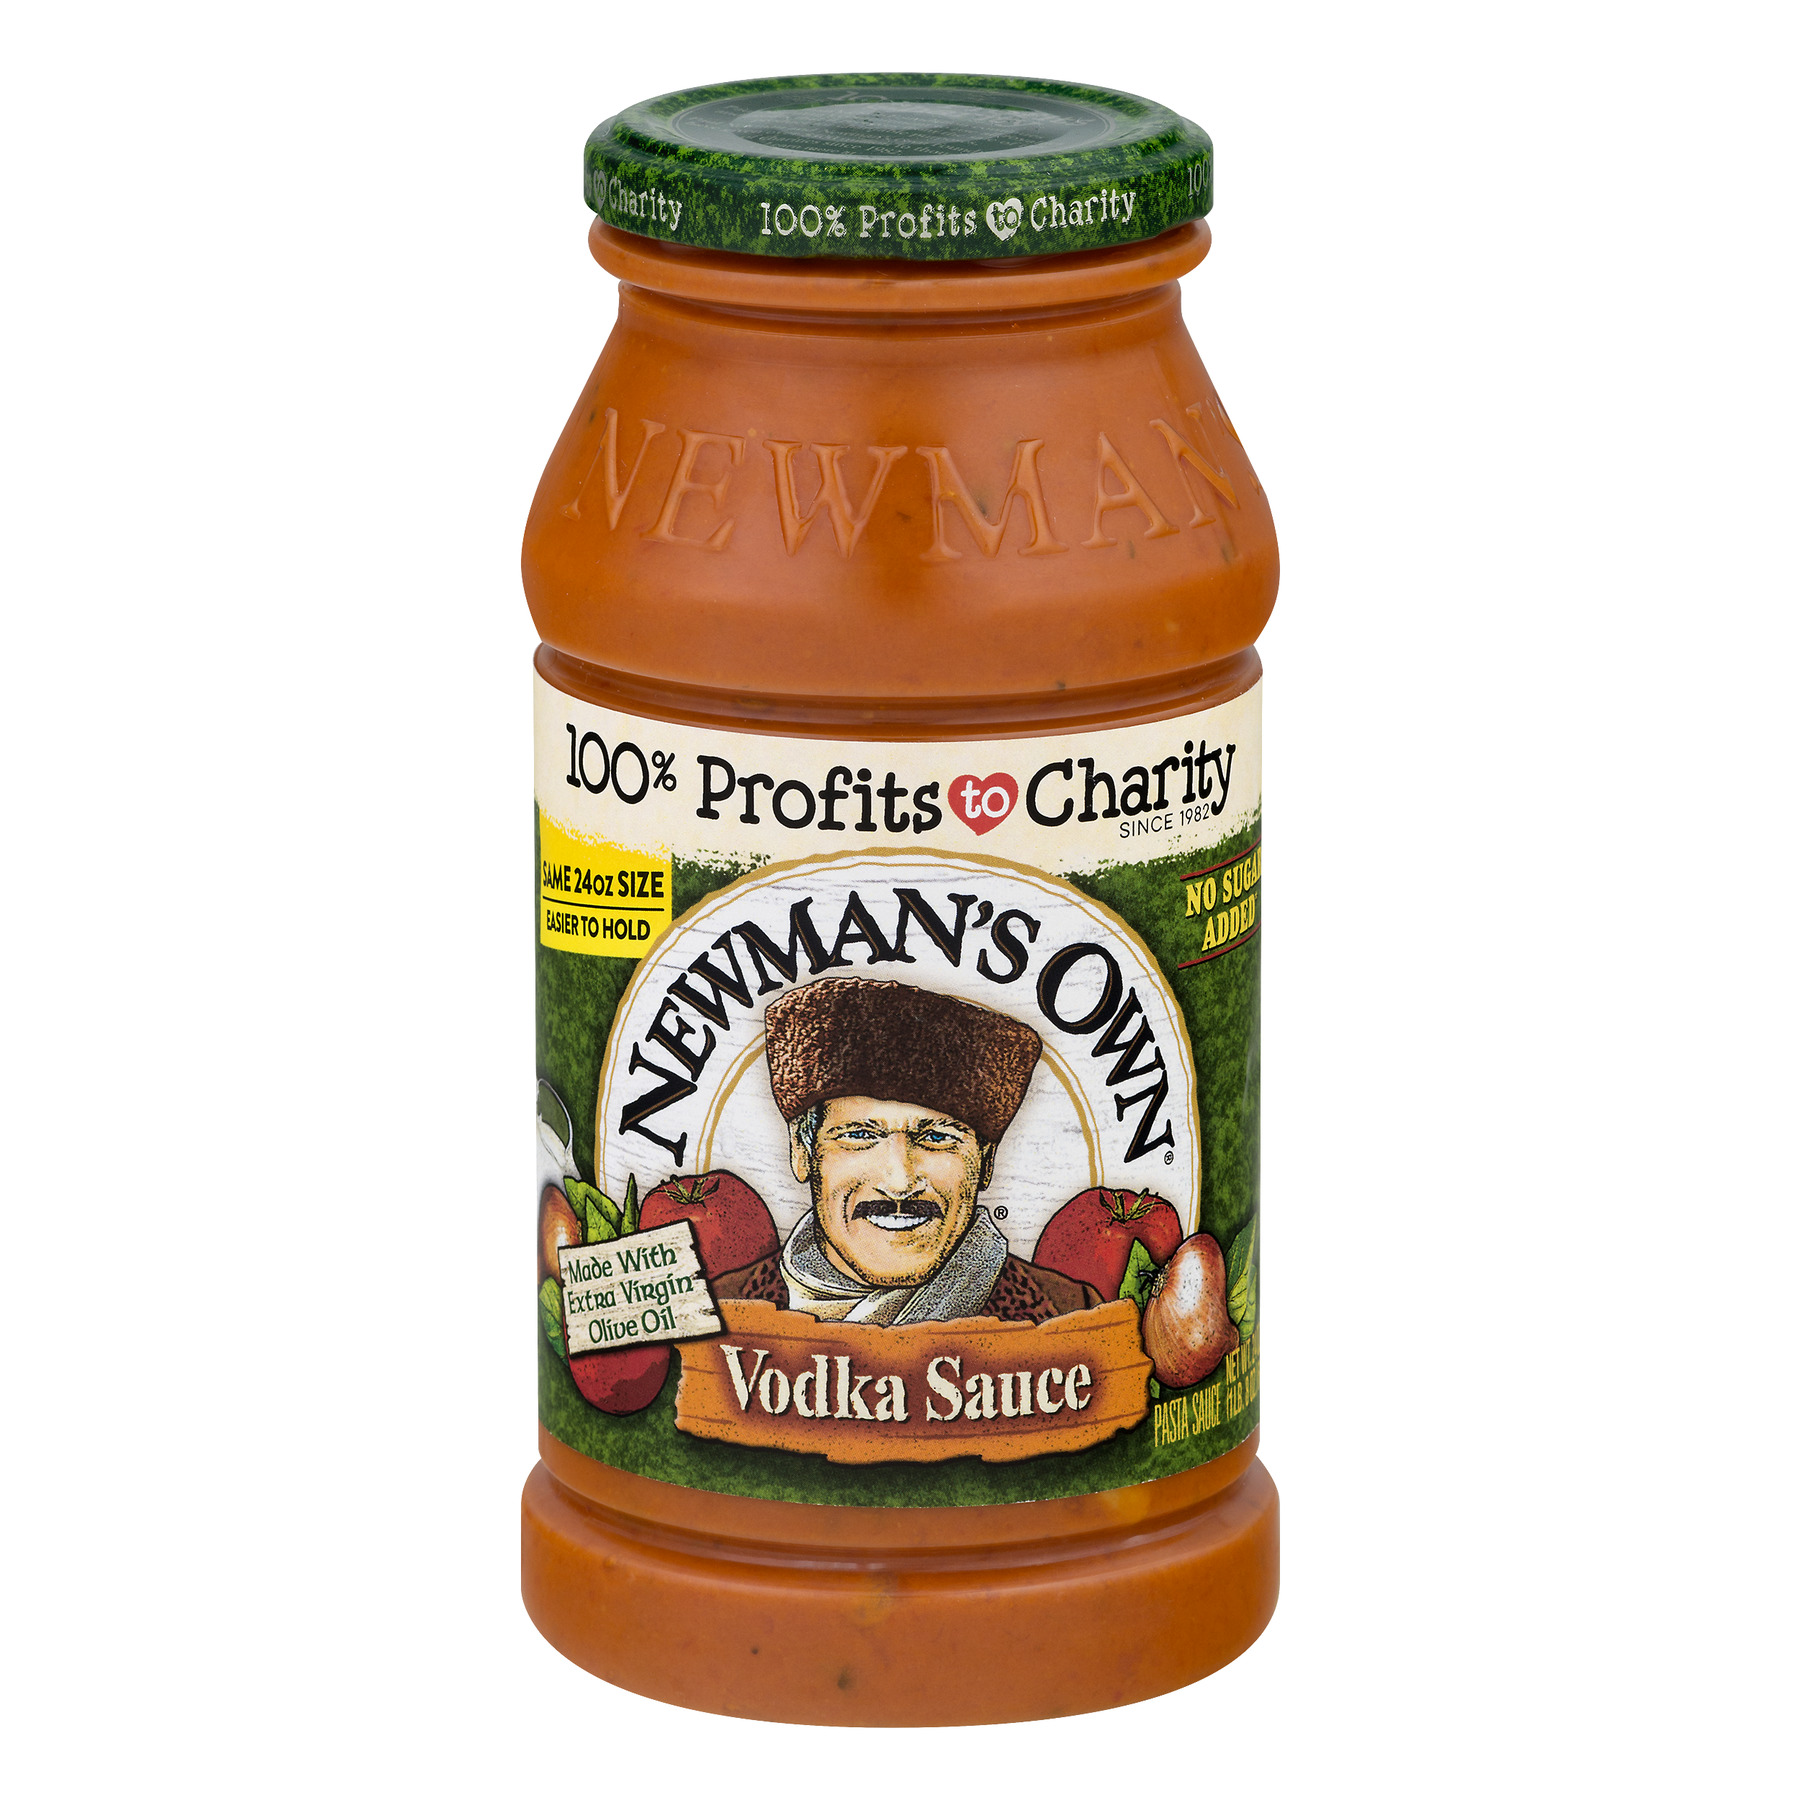 Newman's Own Vodka Pasta Sauce, 24 oz